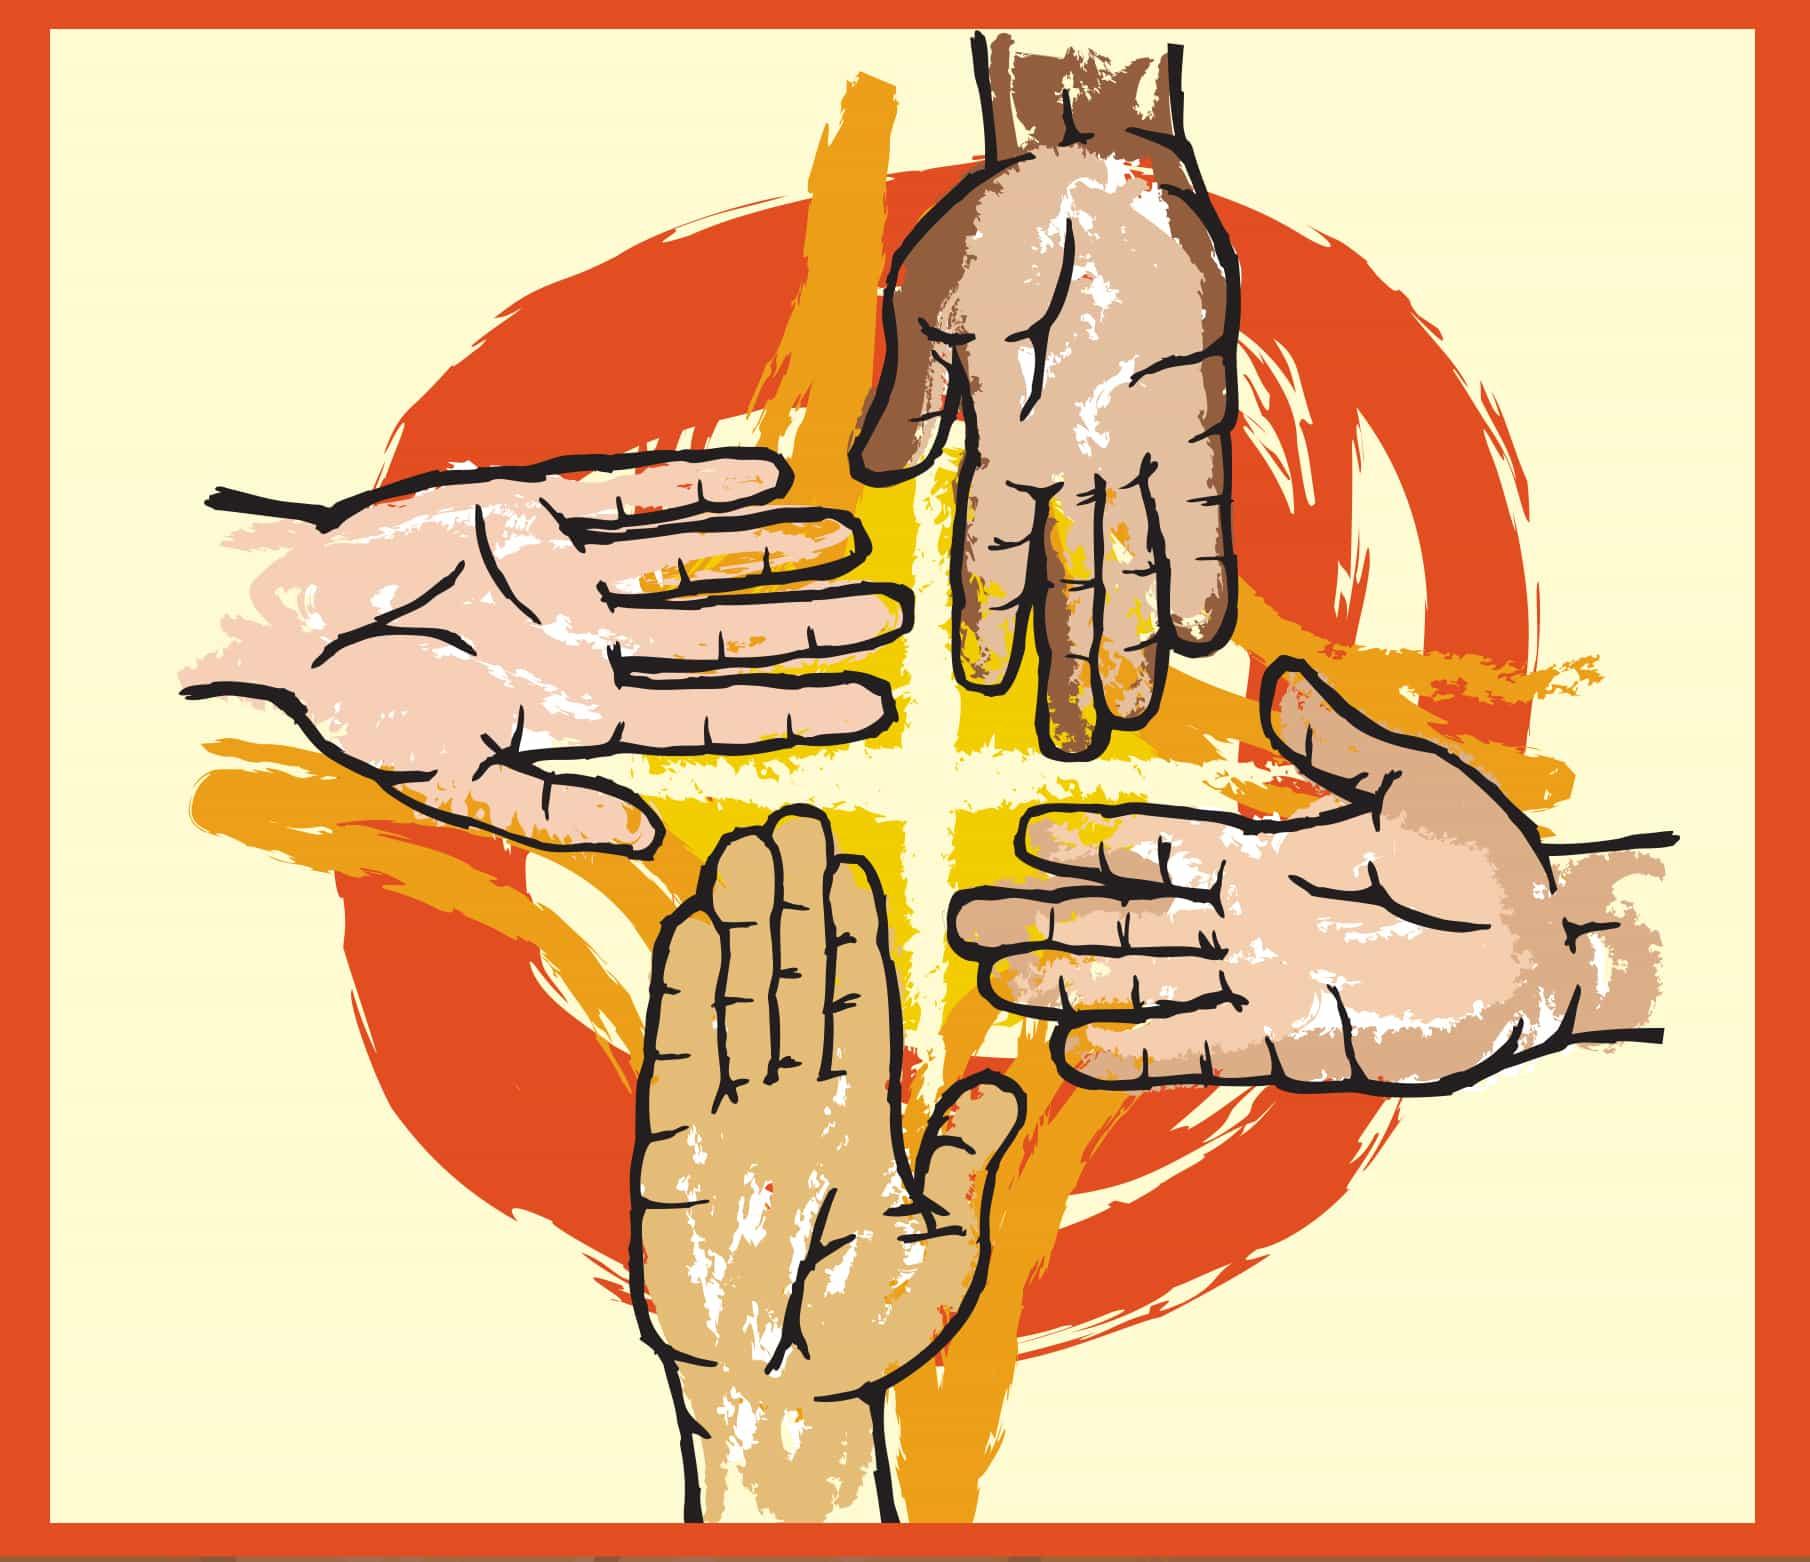 jamaïcain rencontres chrétiennes gratuit en ligne datant du Royaume-Uni seulement